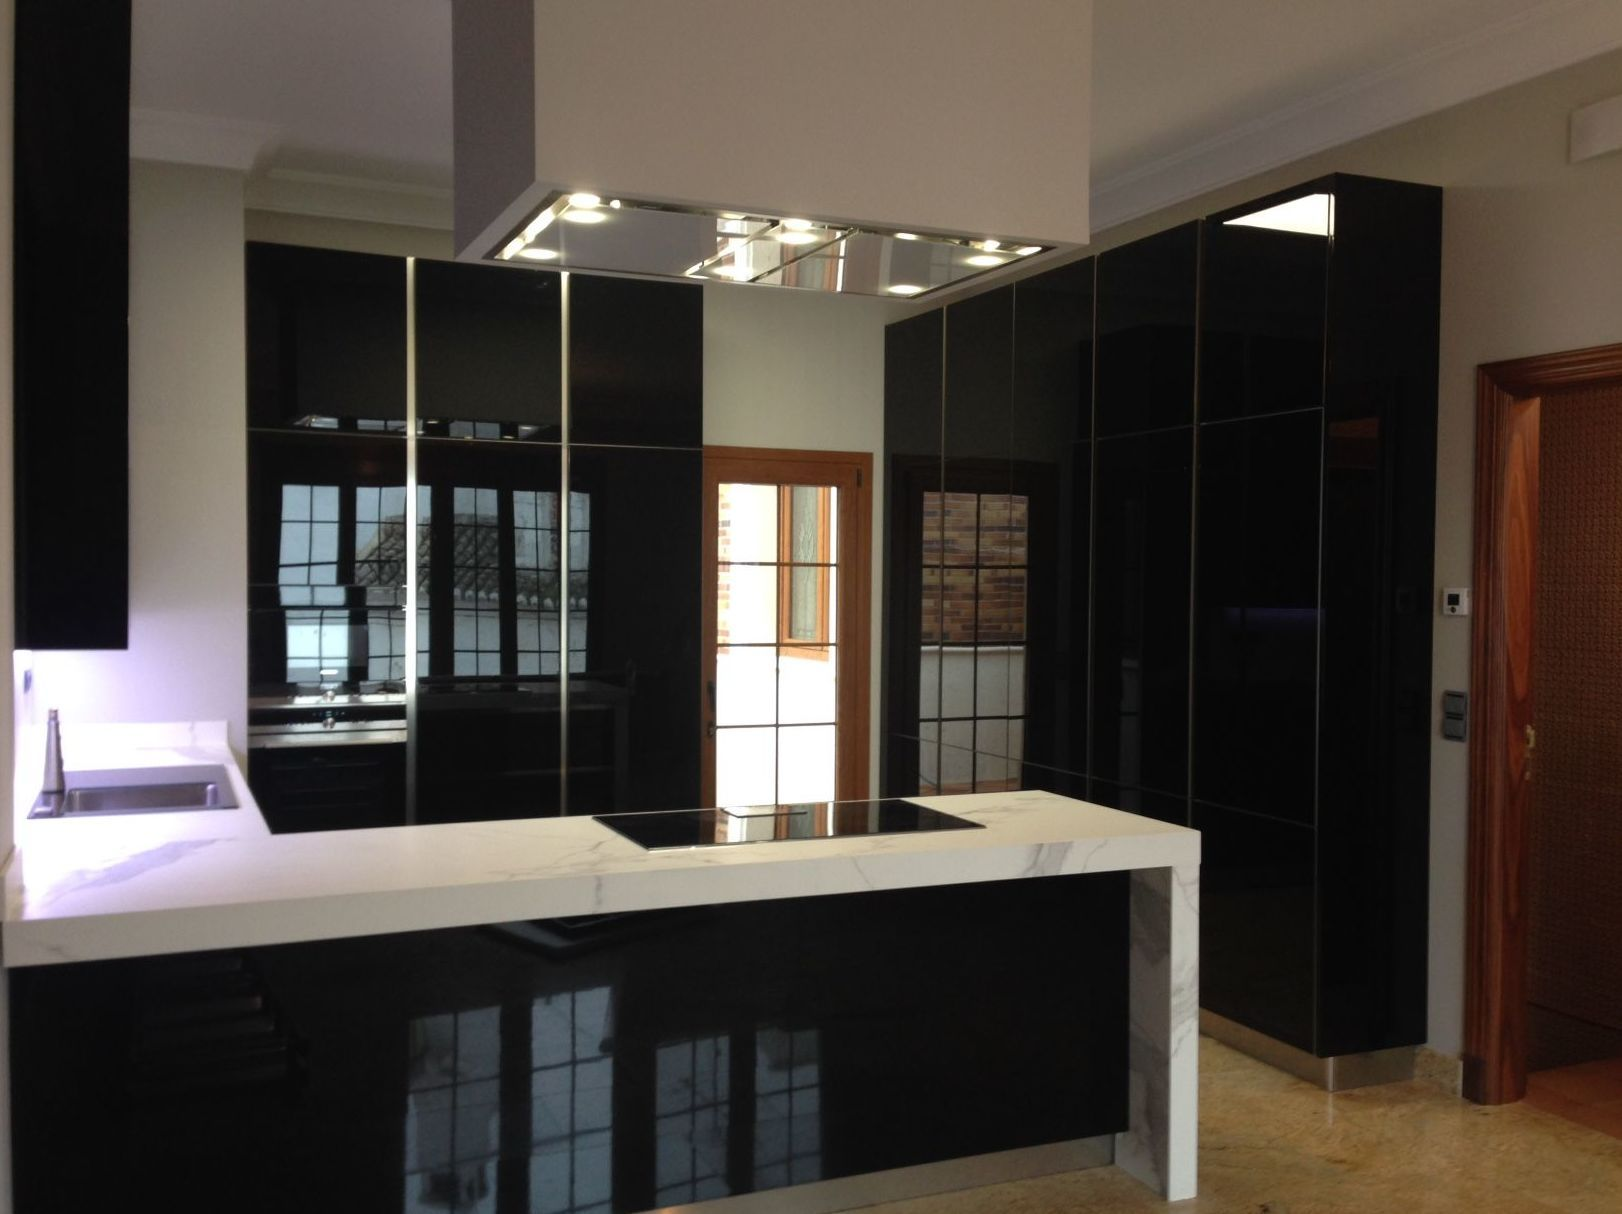 Cocinas modernas italianas good imagen del artculo fotos - Muebles modernos malaga ...